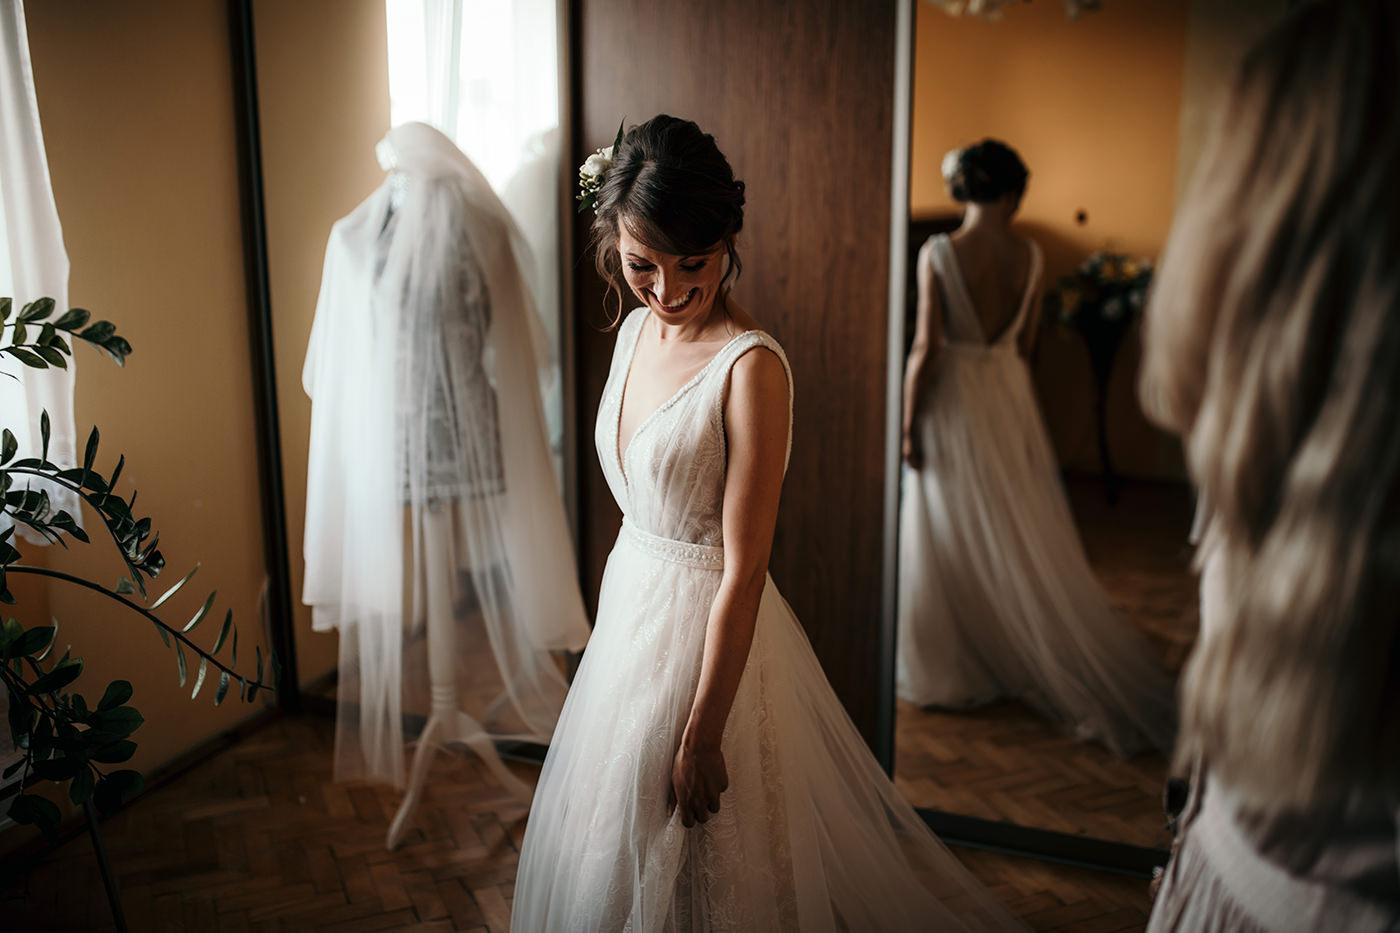 Rustykalne wesele - Magnoliowy Dwór 21